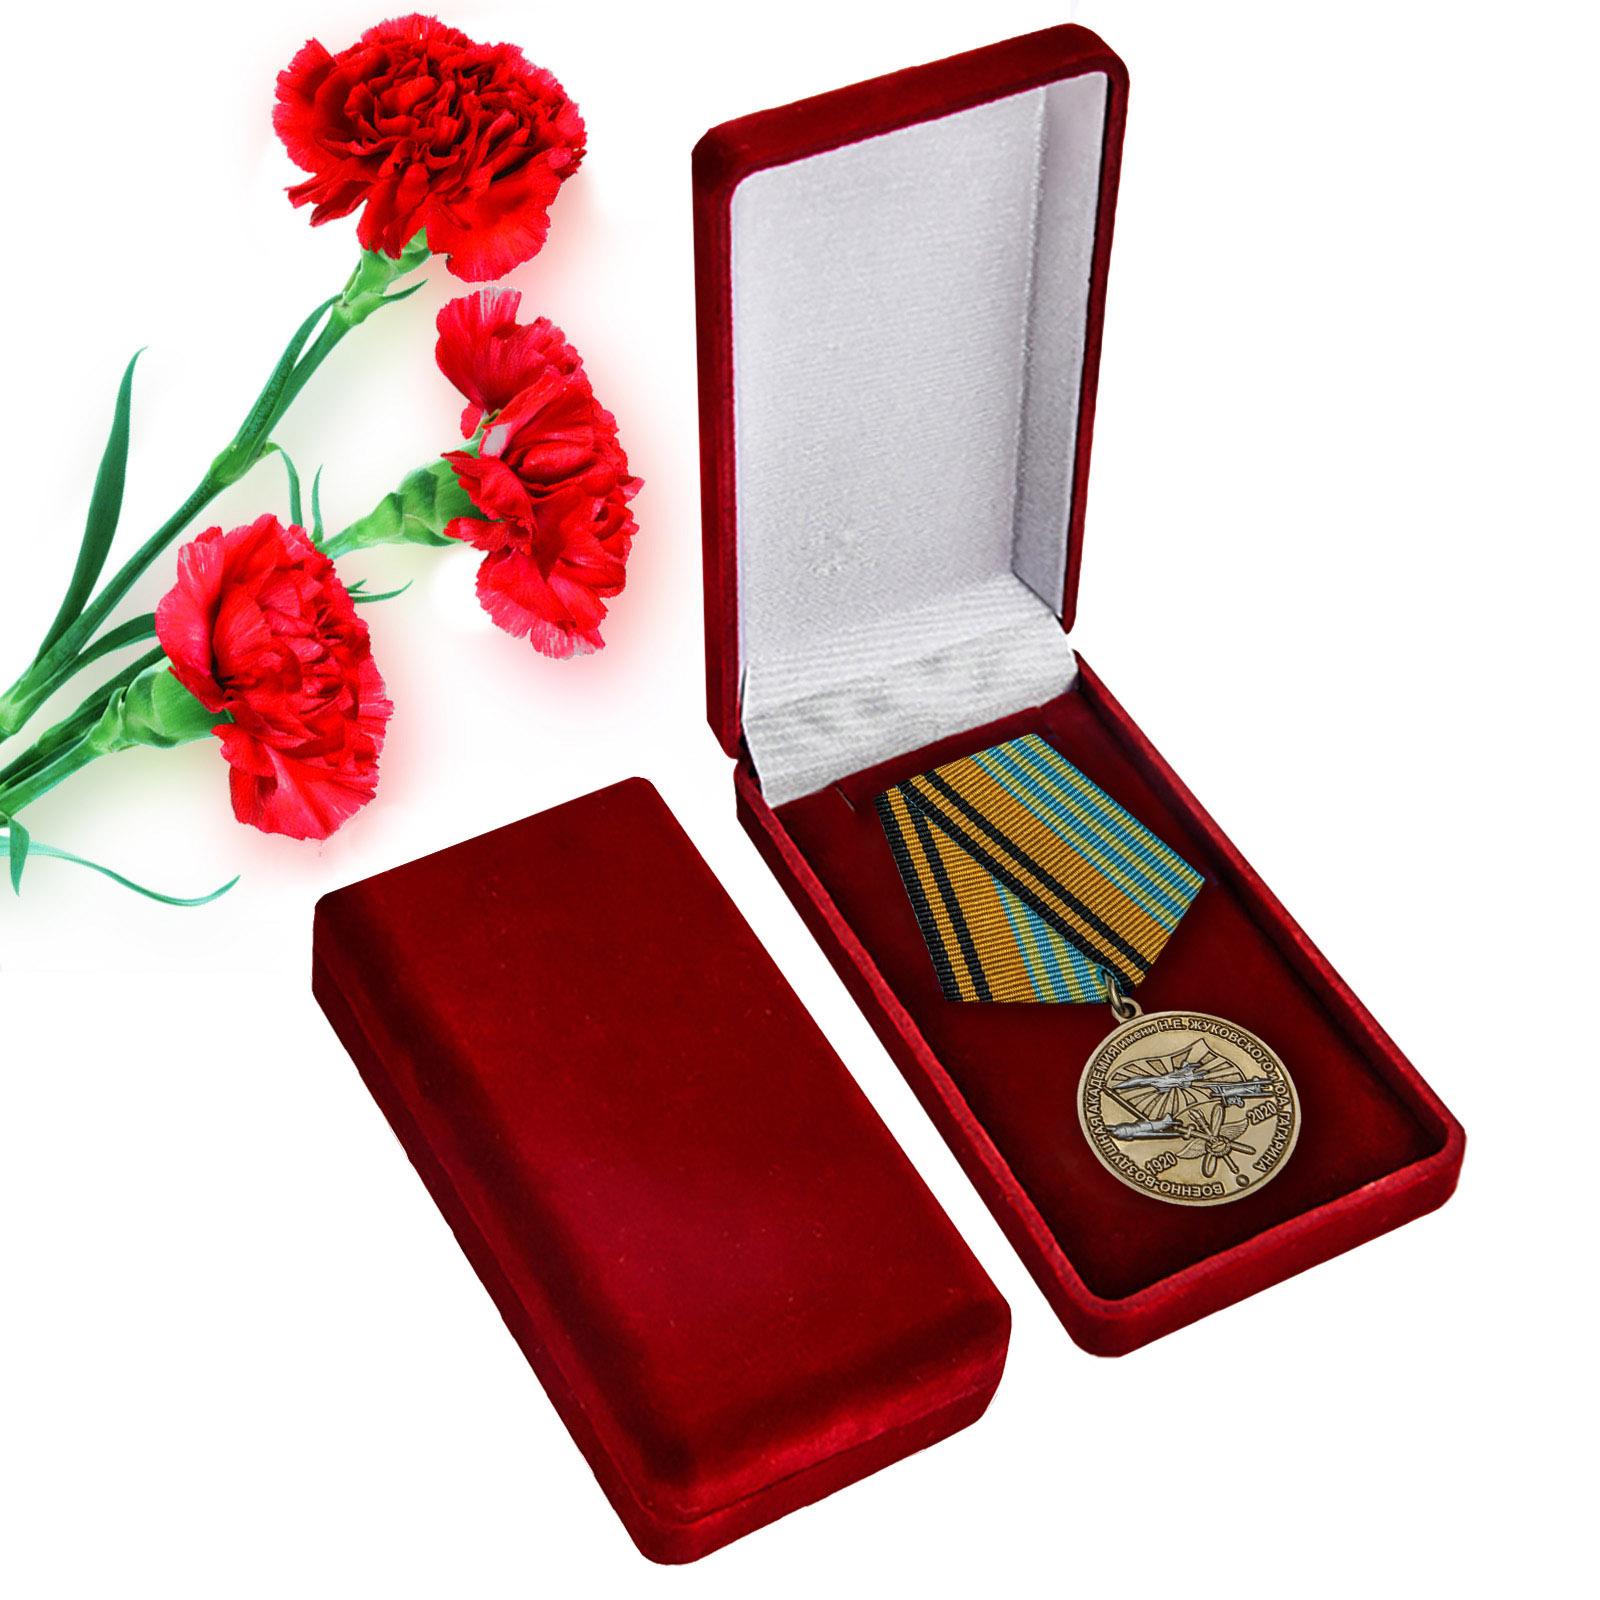 Латунная медаль 100 лет Военно-воздушной академии им. Н.Е. Жуковского и Ю.А. Гагарина